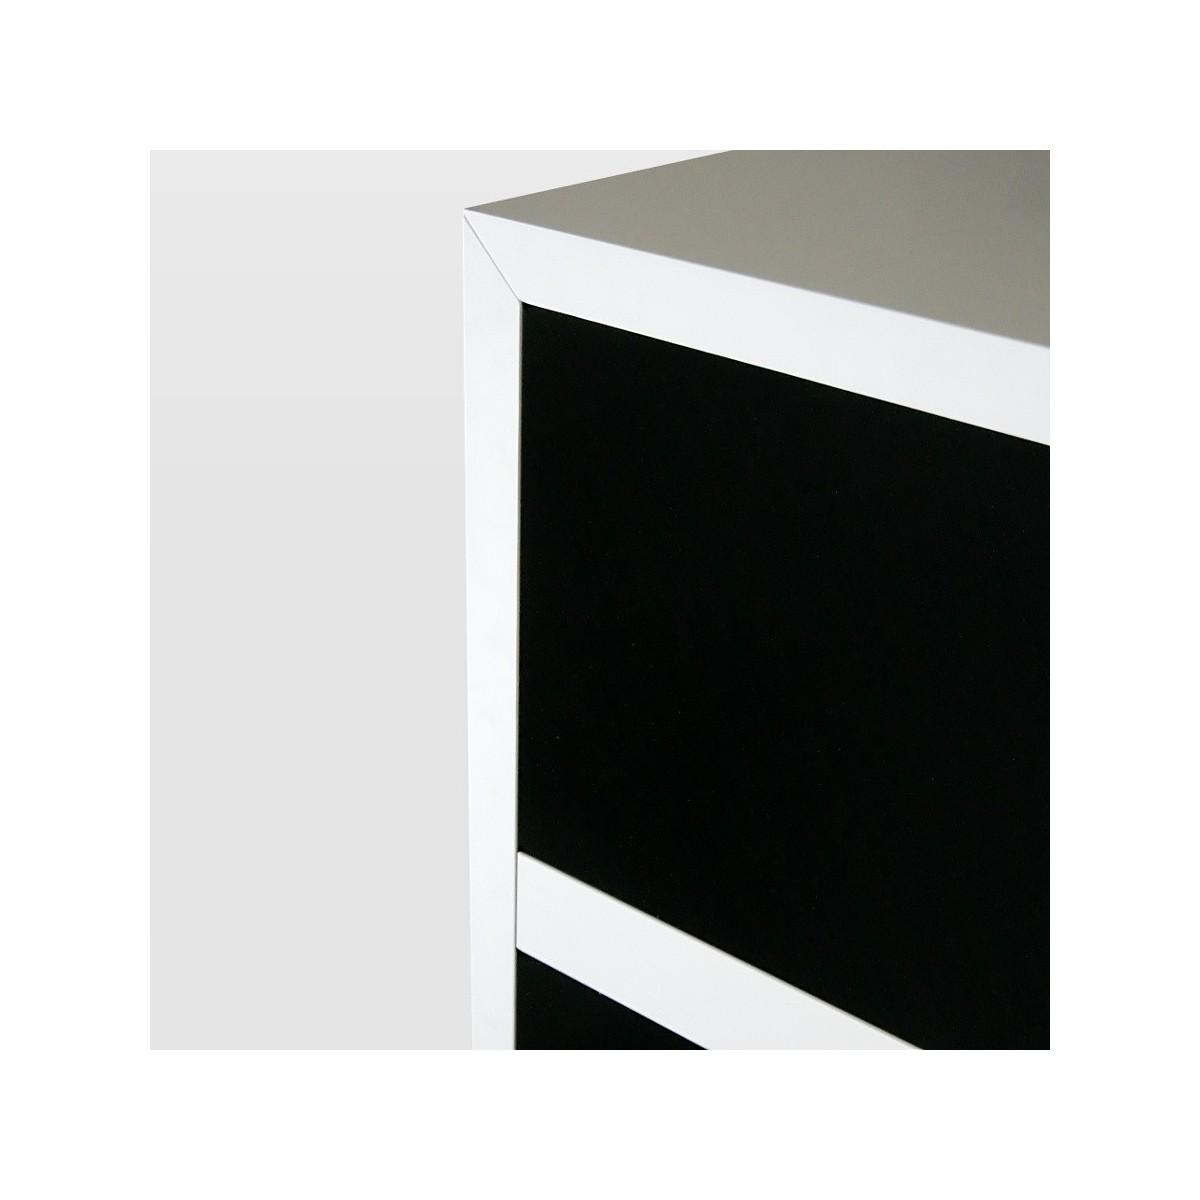 Abc squared cubi da arredamento legno bianco nero 357 x 51 cm for Cubi in legno arredamento